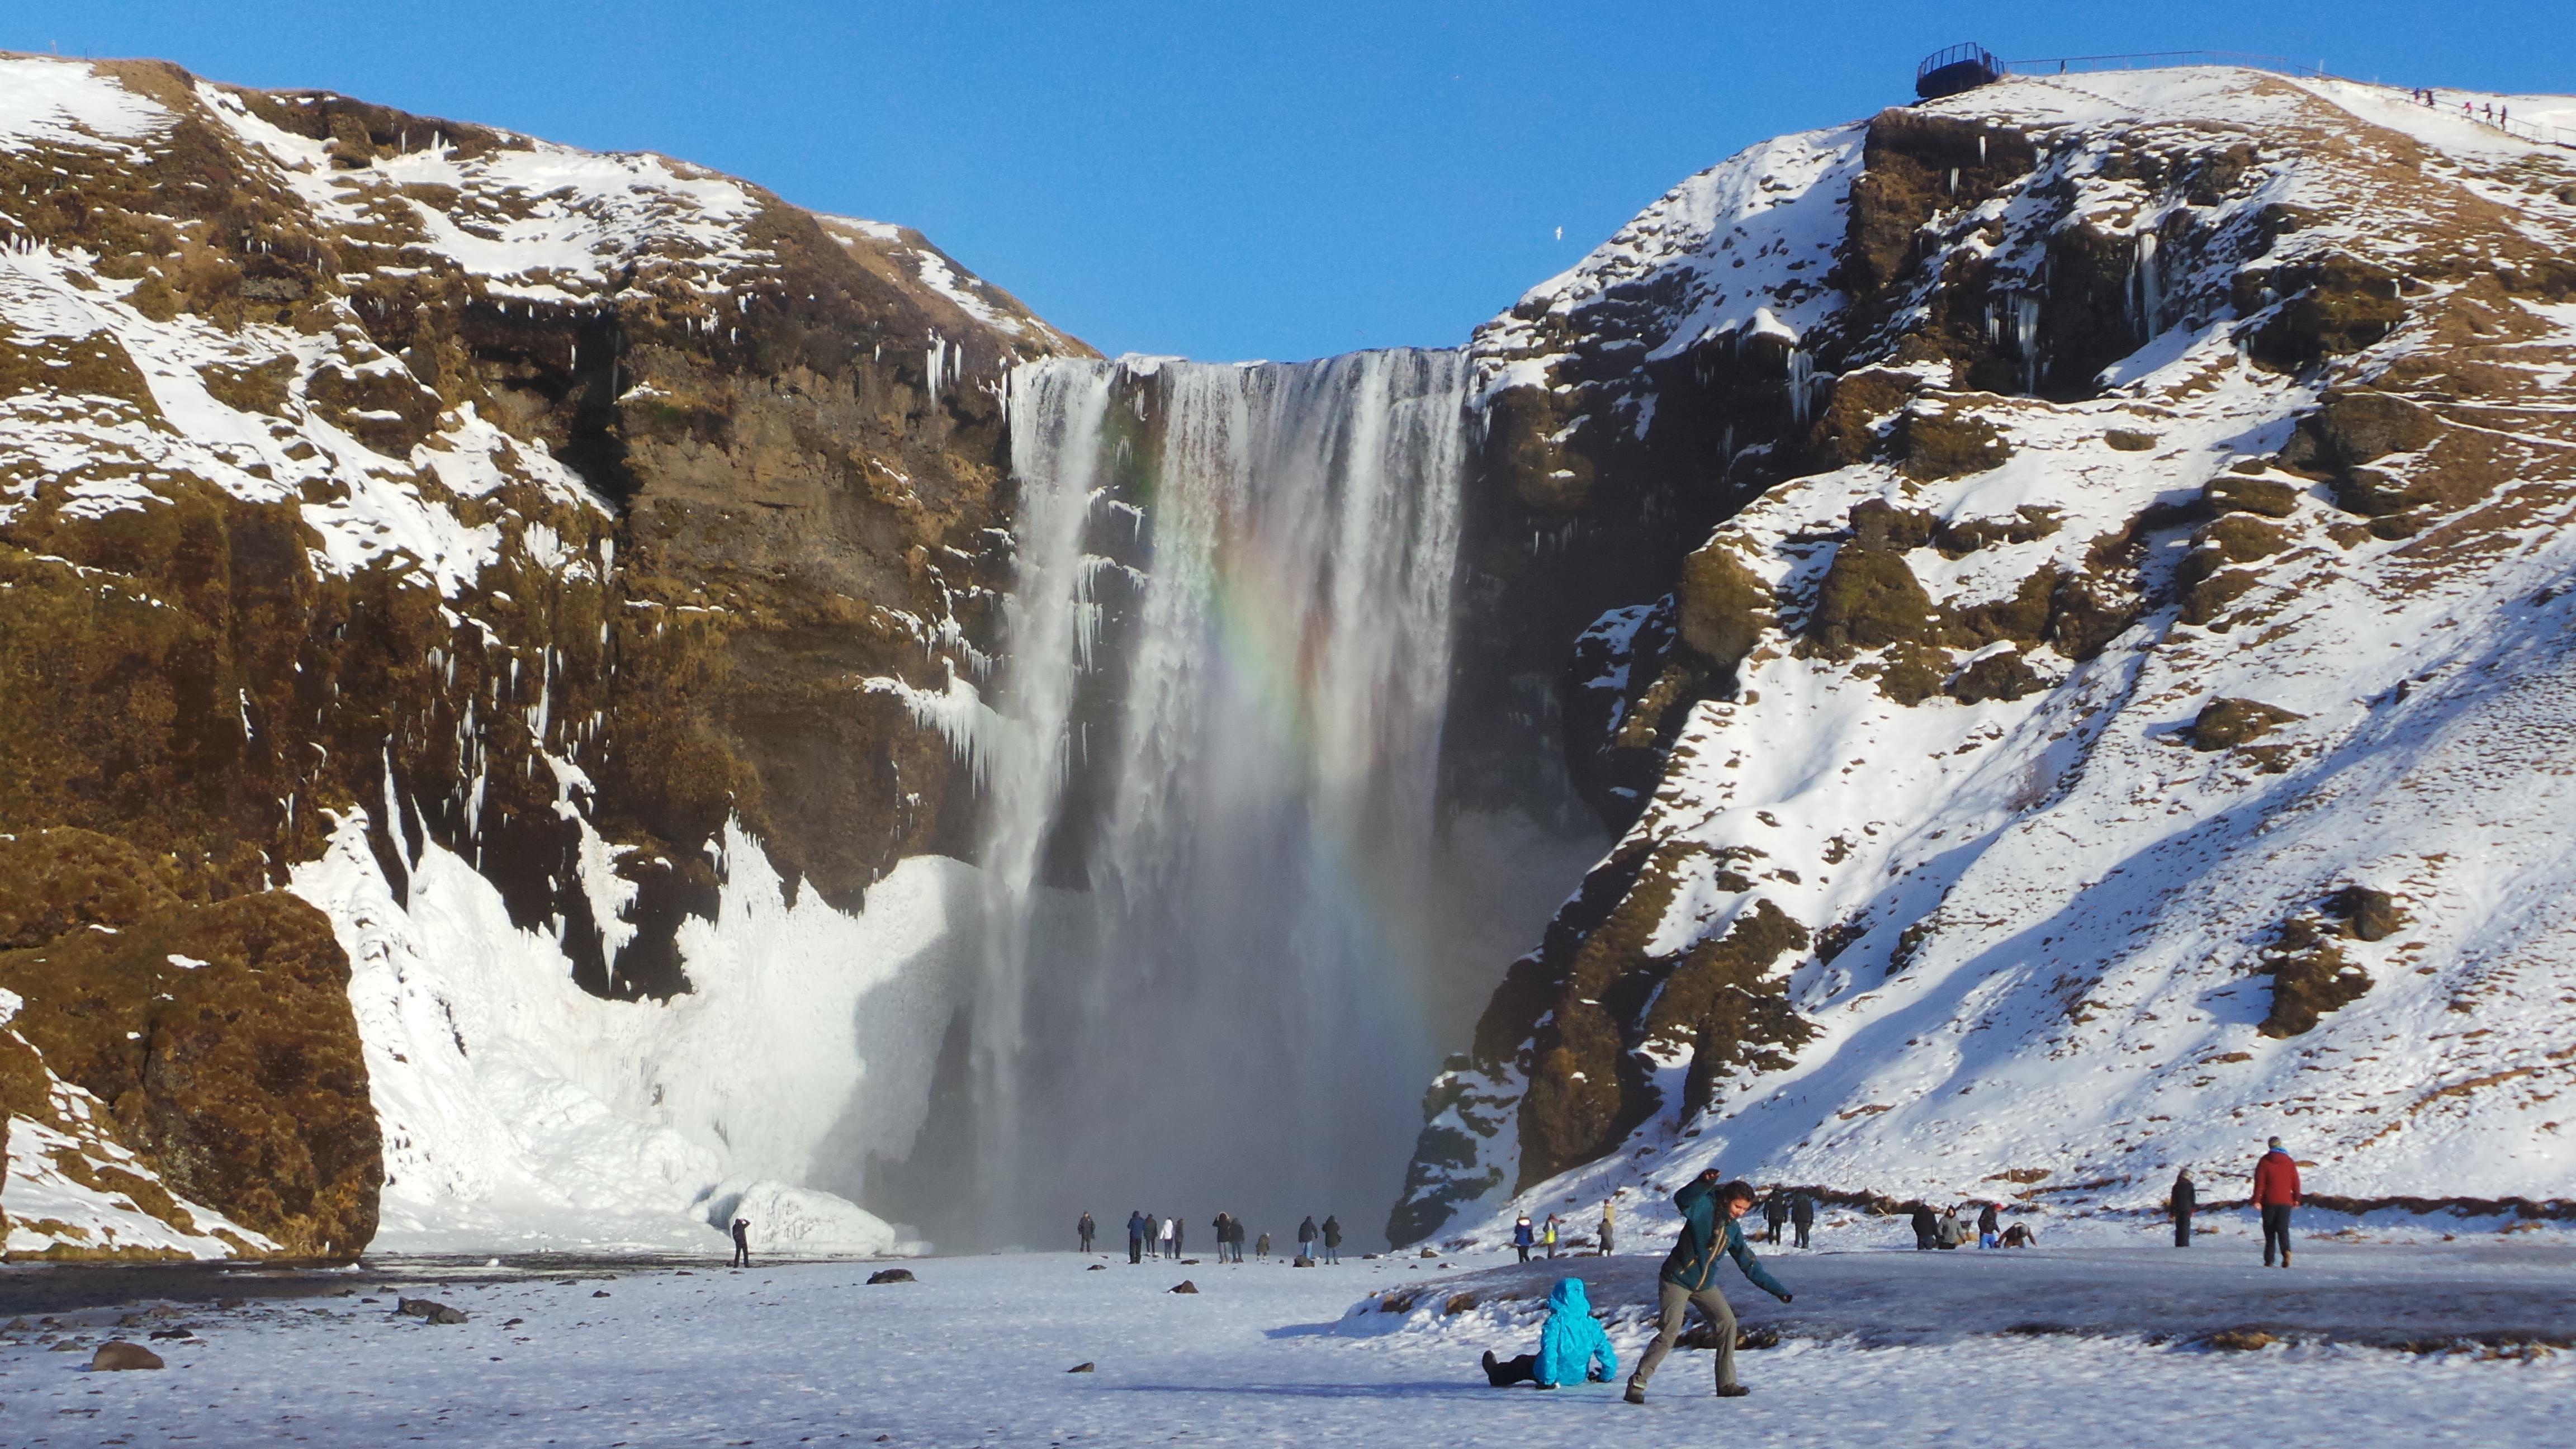 Viaggio in Islanda: camminando sul ghiaccio alla cascata Skogafoss, tra riflessioni e leggende